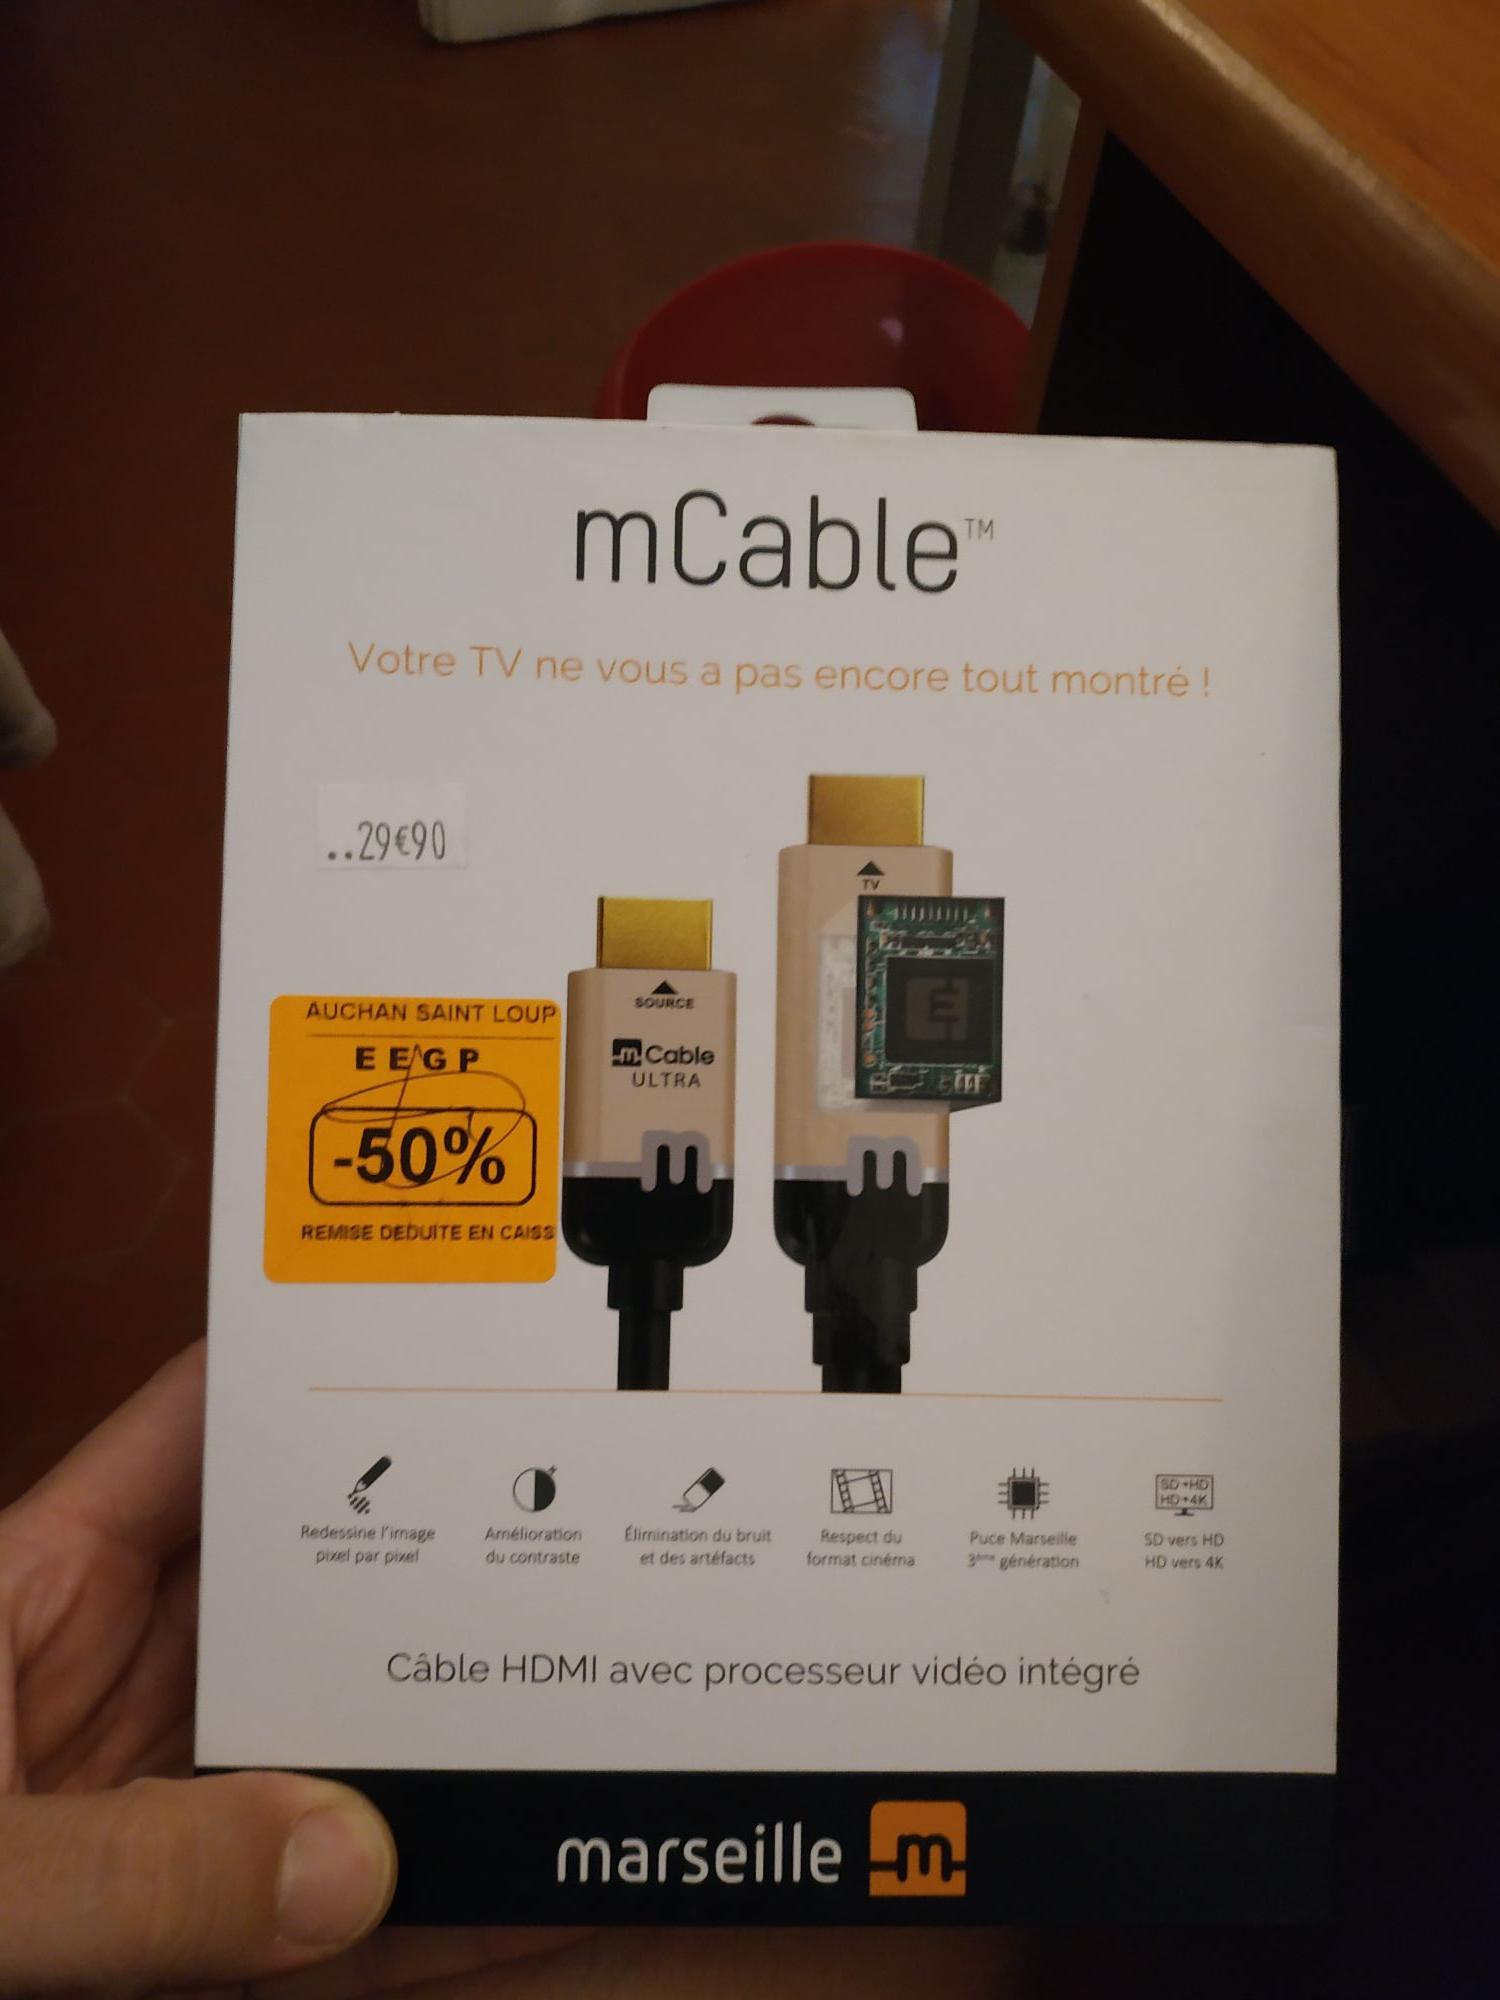 Câble HDMI avec processeur vidéo intégré mCable (1m50) - Auchan Marseille Saint-Loup (13)